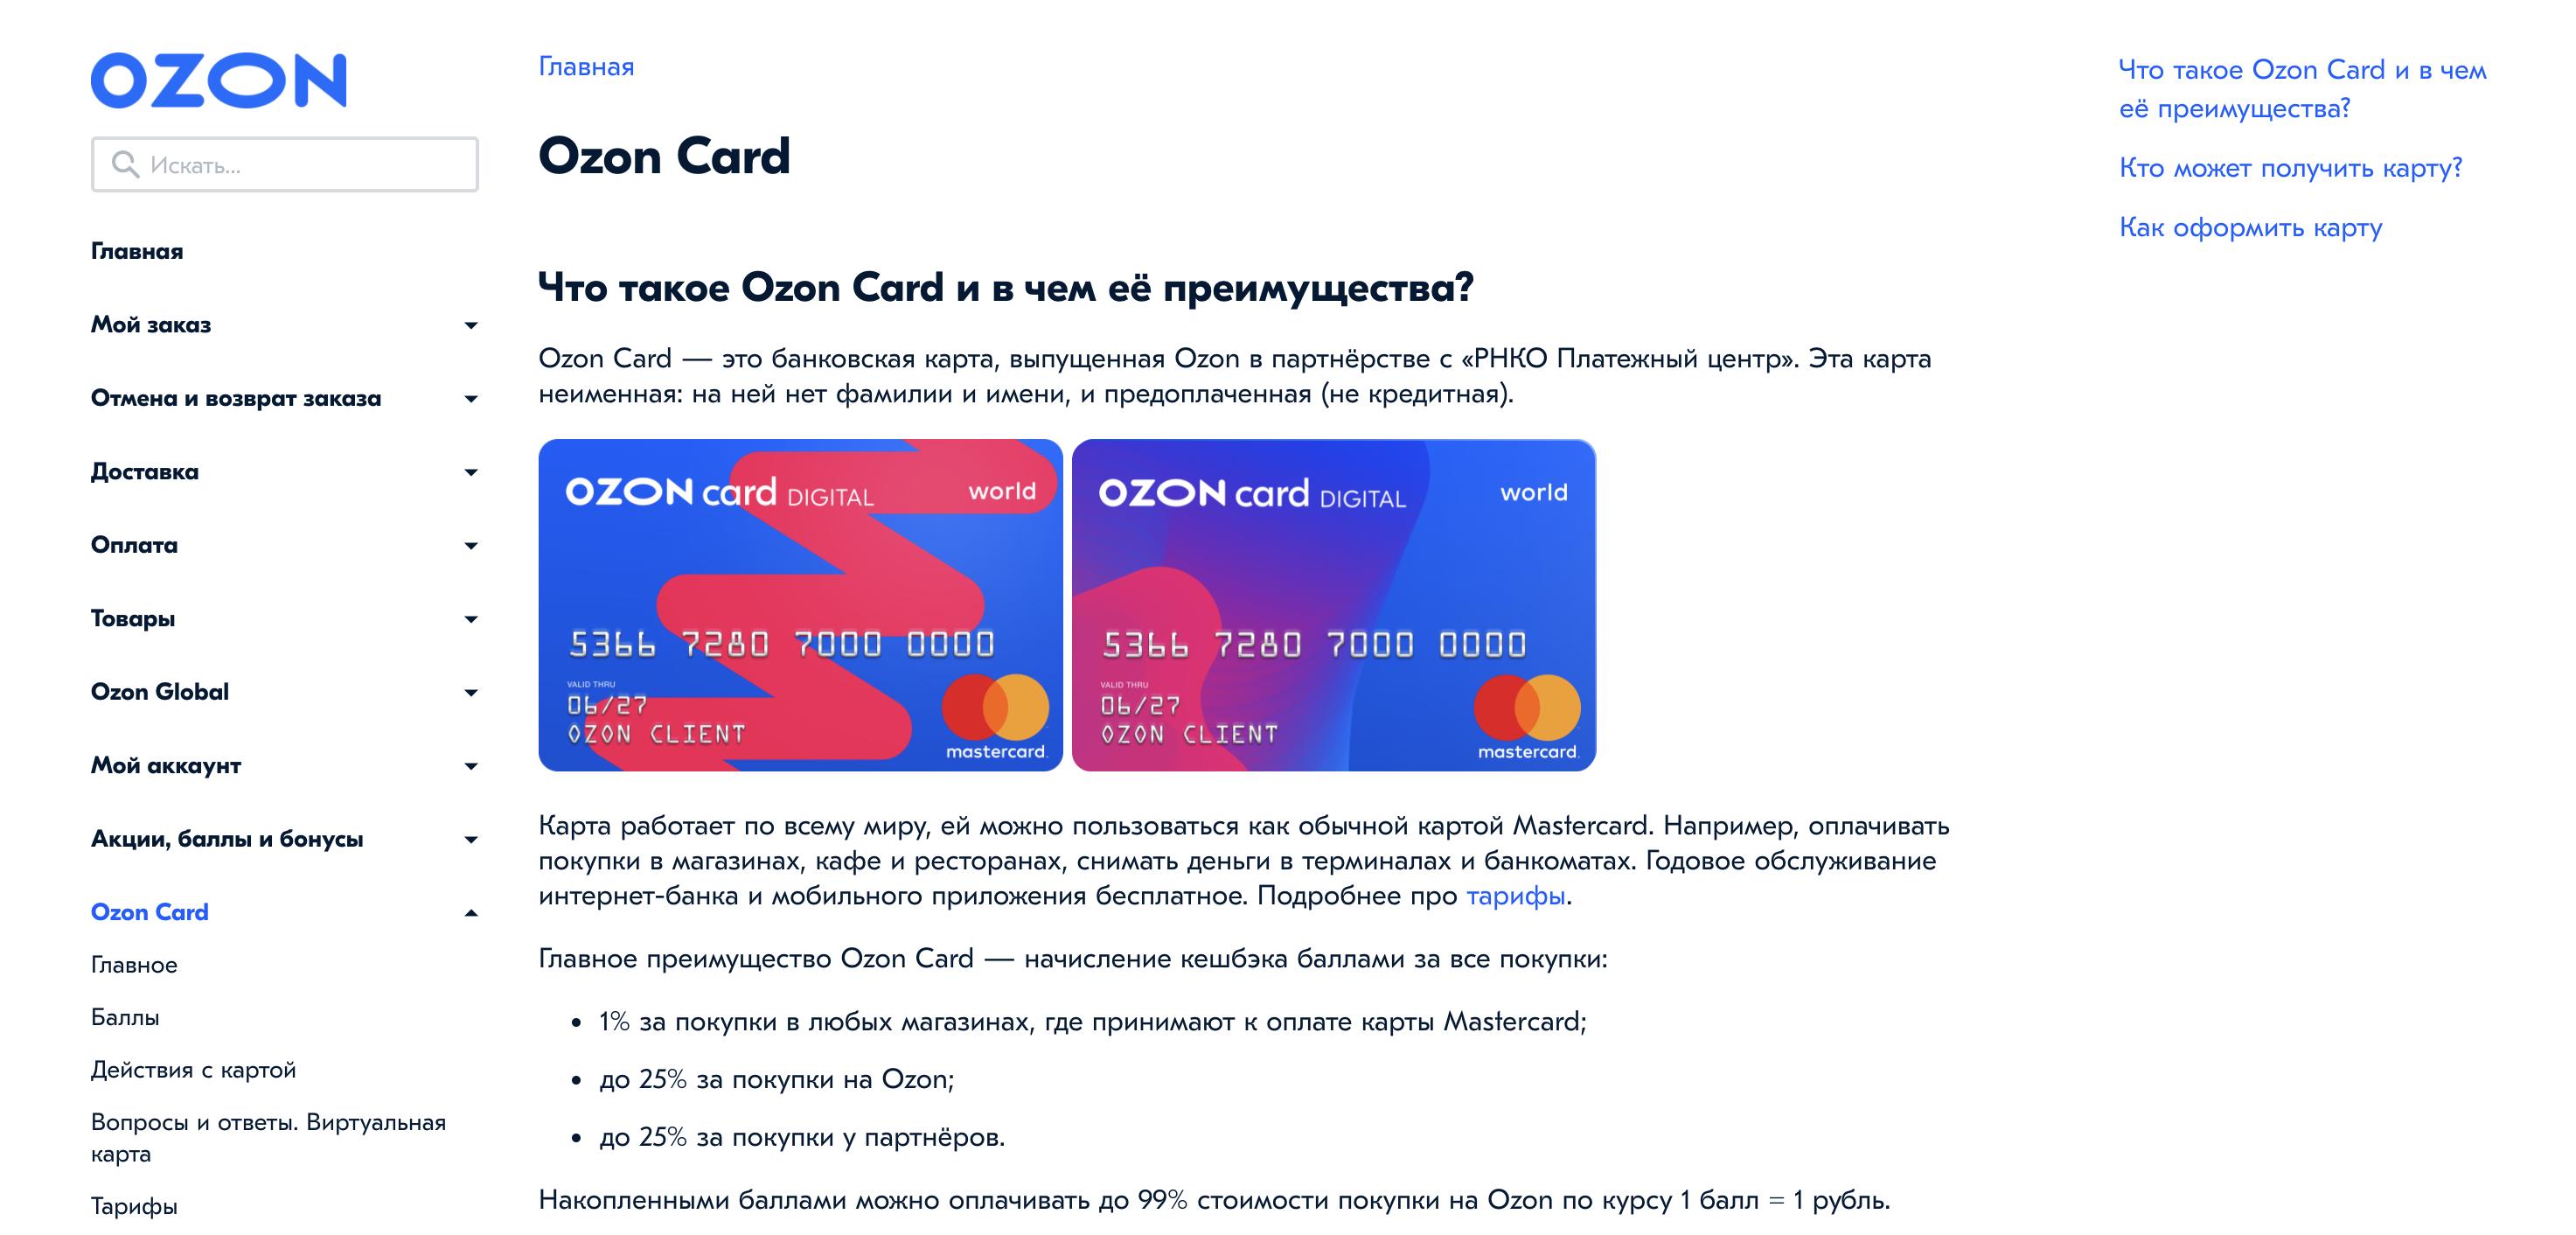 Как пополнить кэшбек карту OZON Card